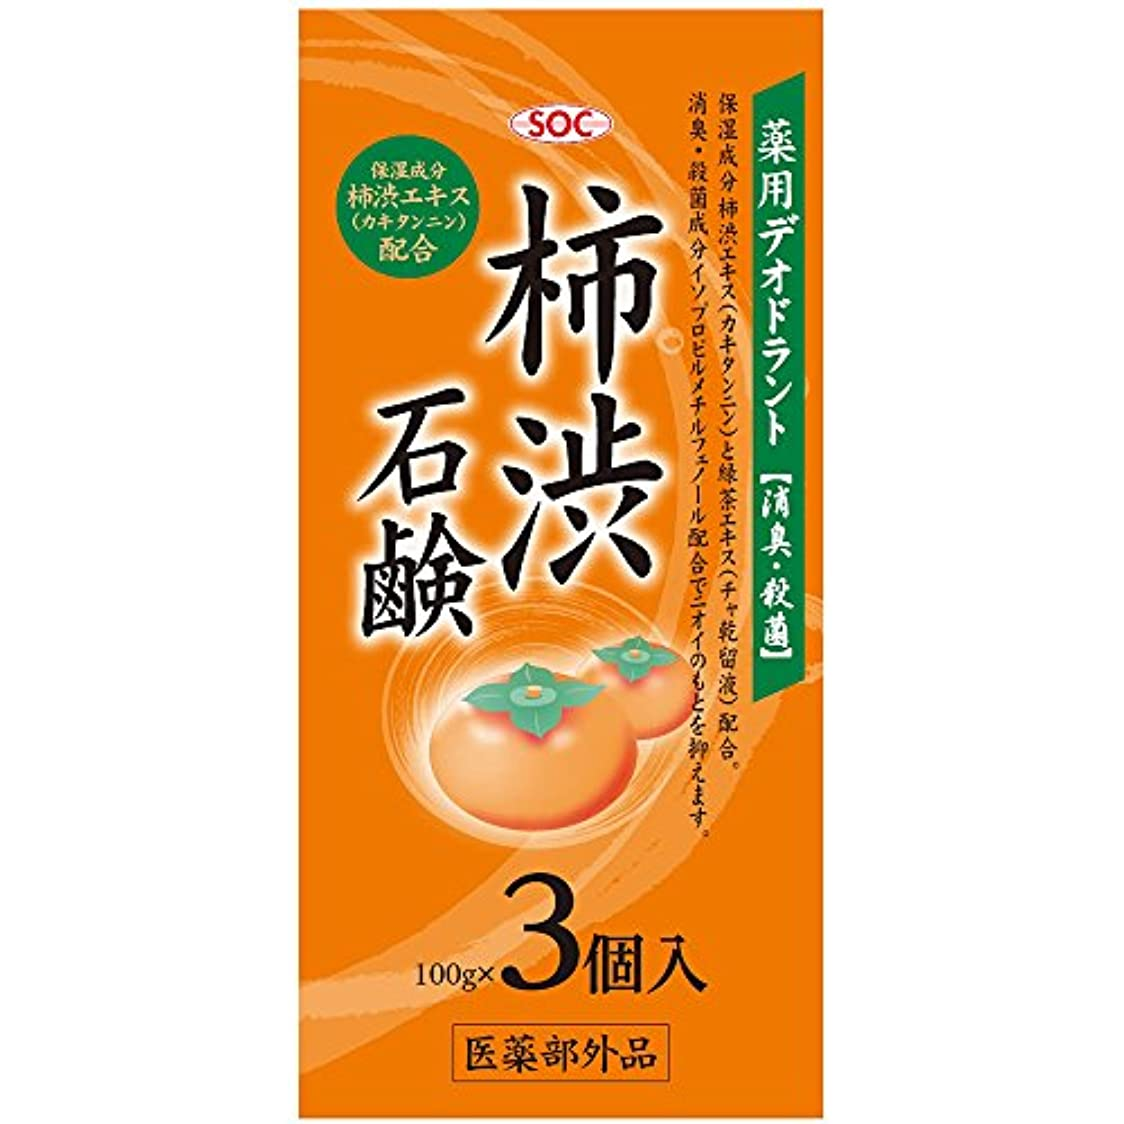 成果お酒プログラムSOC 薬用柿渋石鹸 3P (100g×3)